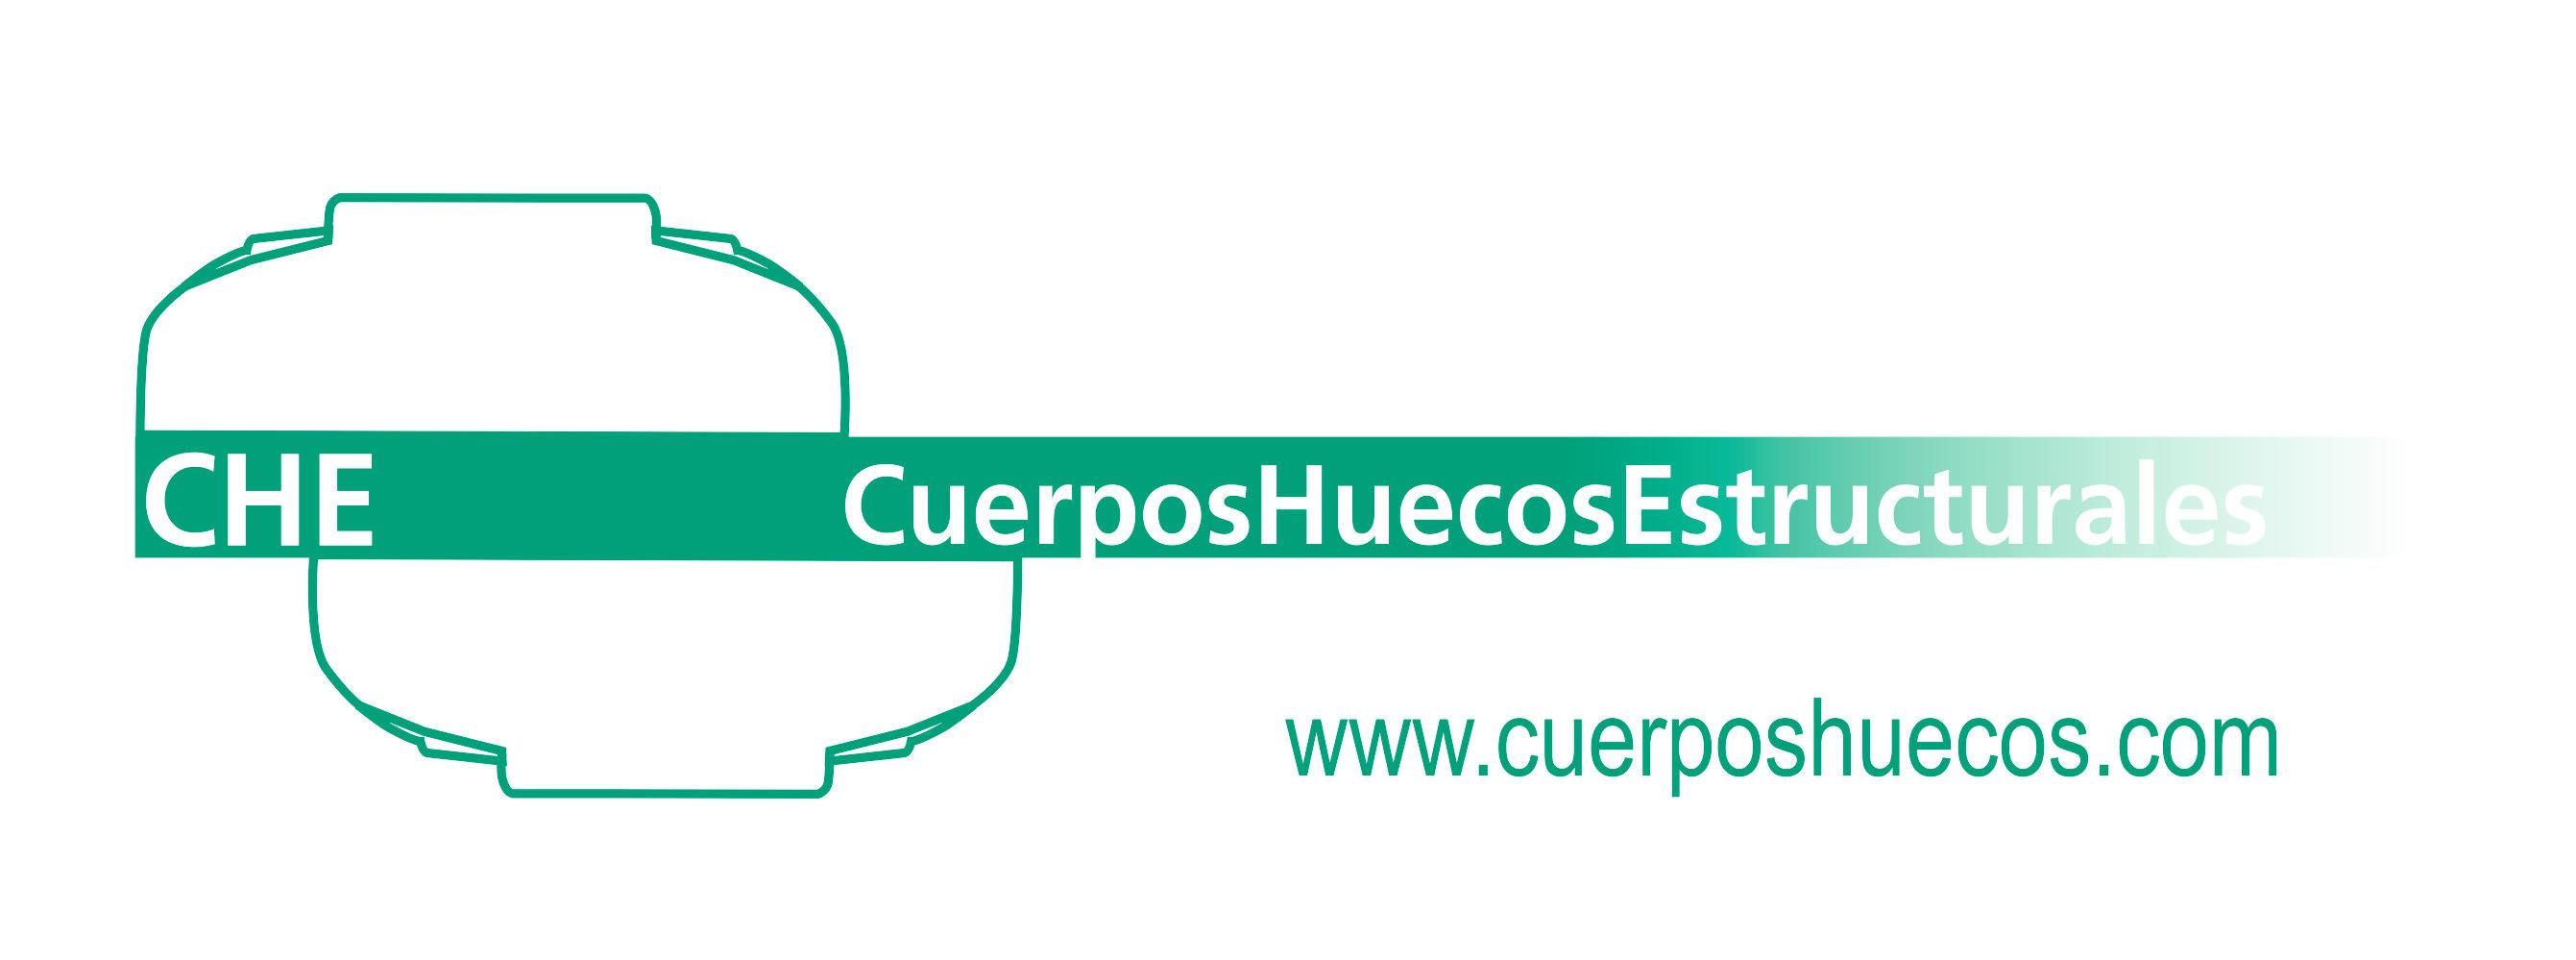 Logo Cuerpos Huecos Estructurales